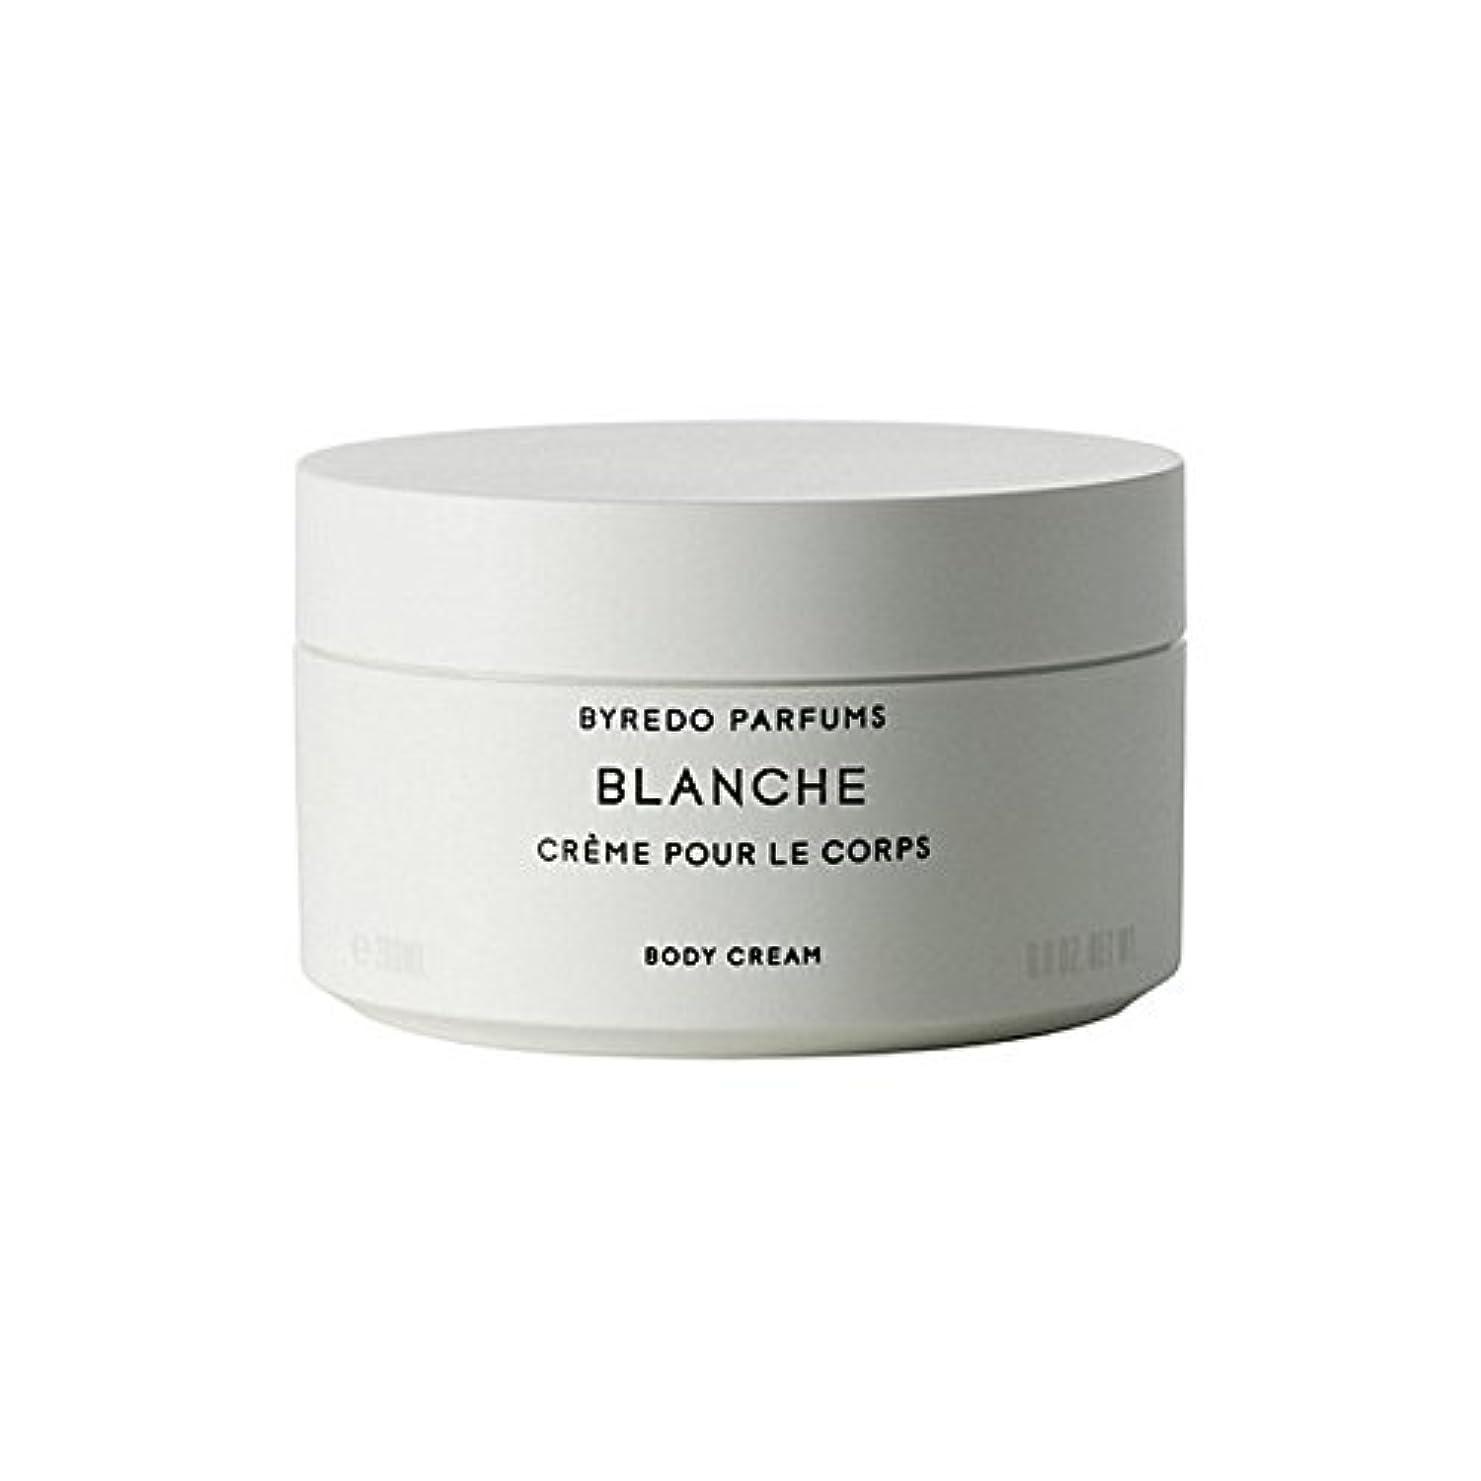 デジタルあいまい独立ブランシュボディクリーム200ミリリットル x4 - Byredo Blanche Body Cream 200ml (Pack of 4) [並行輸入品]